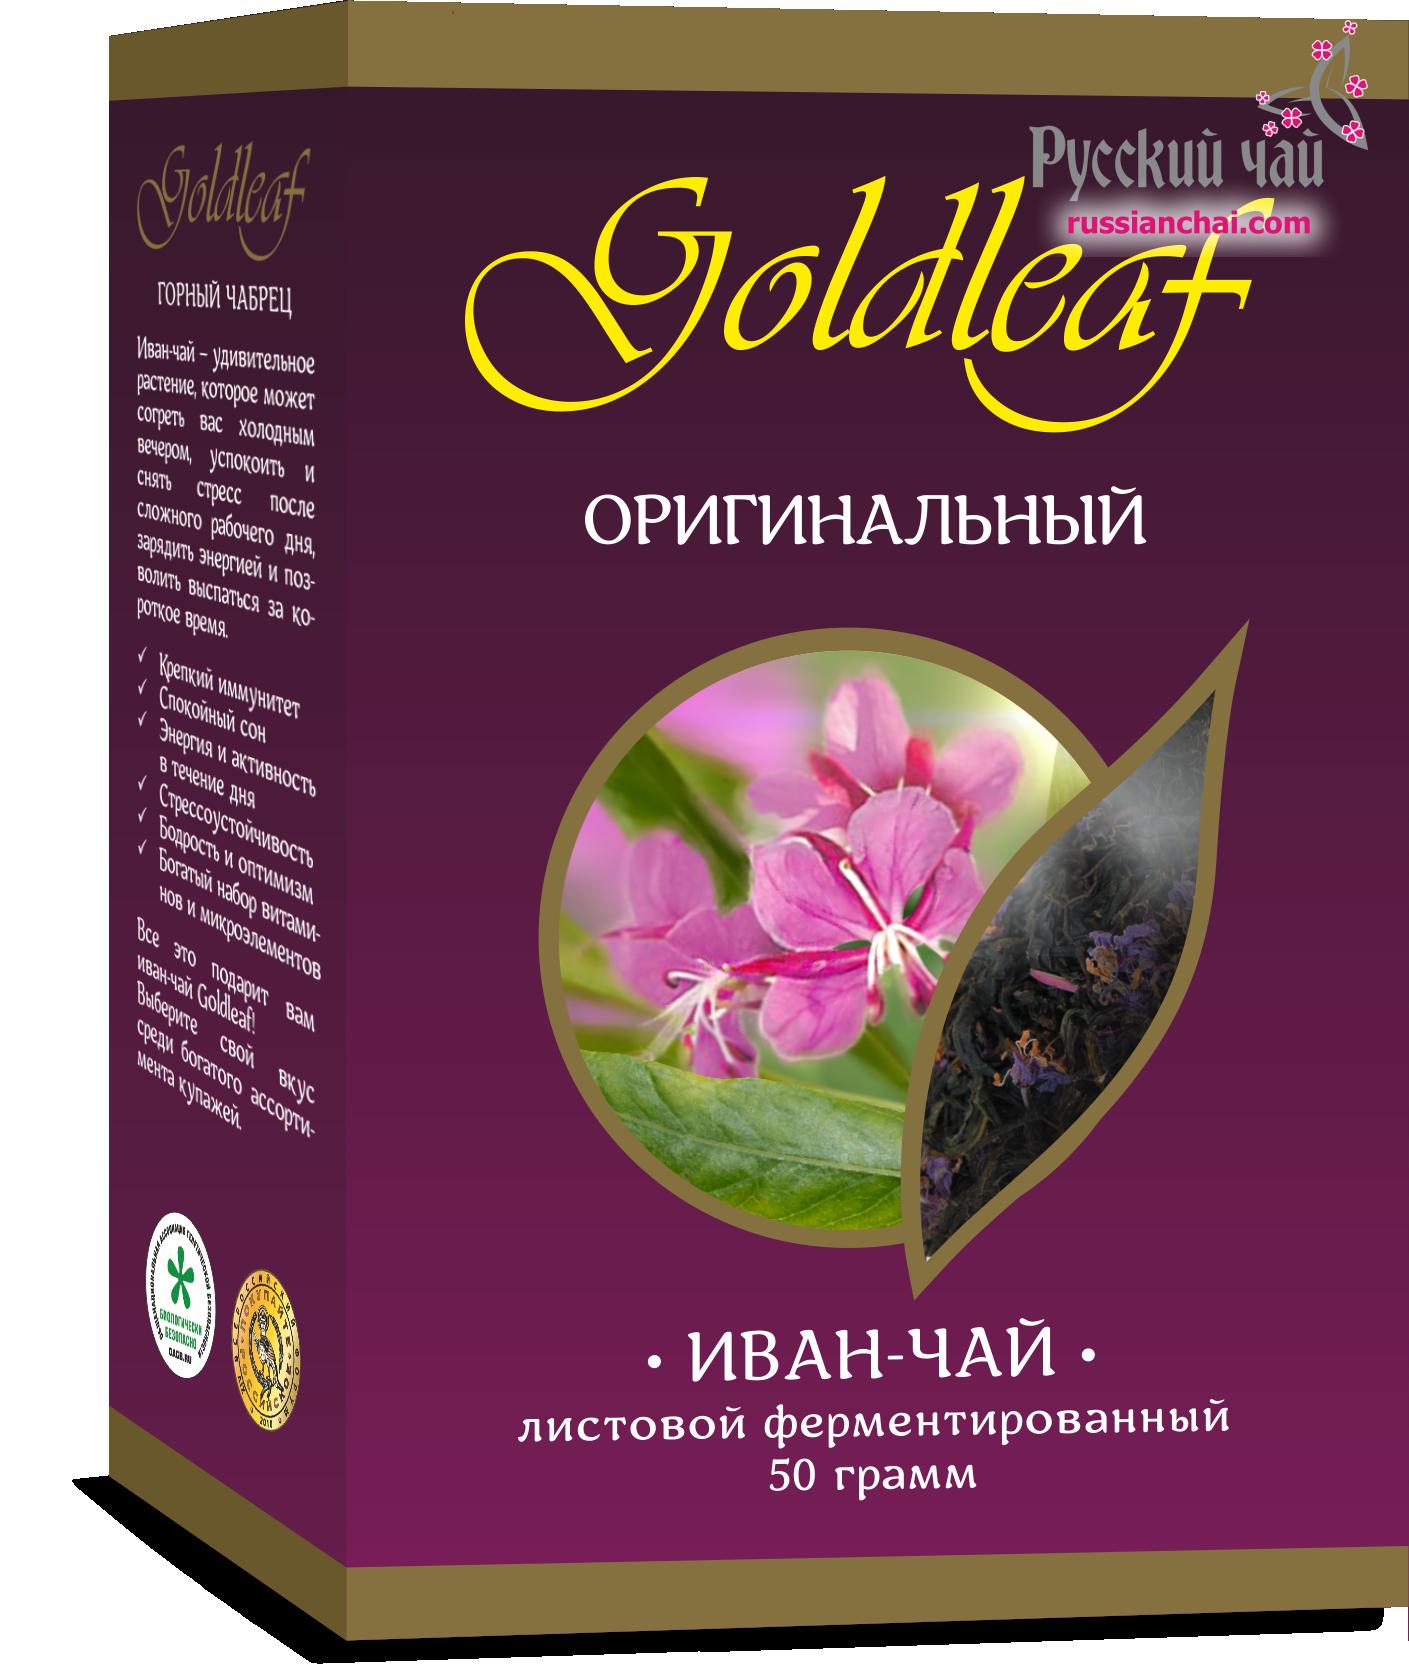 Иван-чай «Оригинальный»